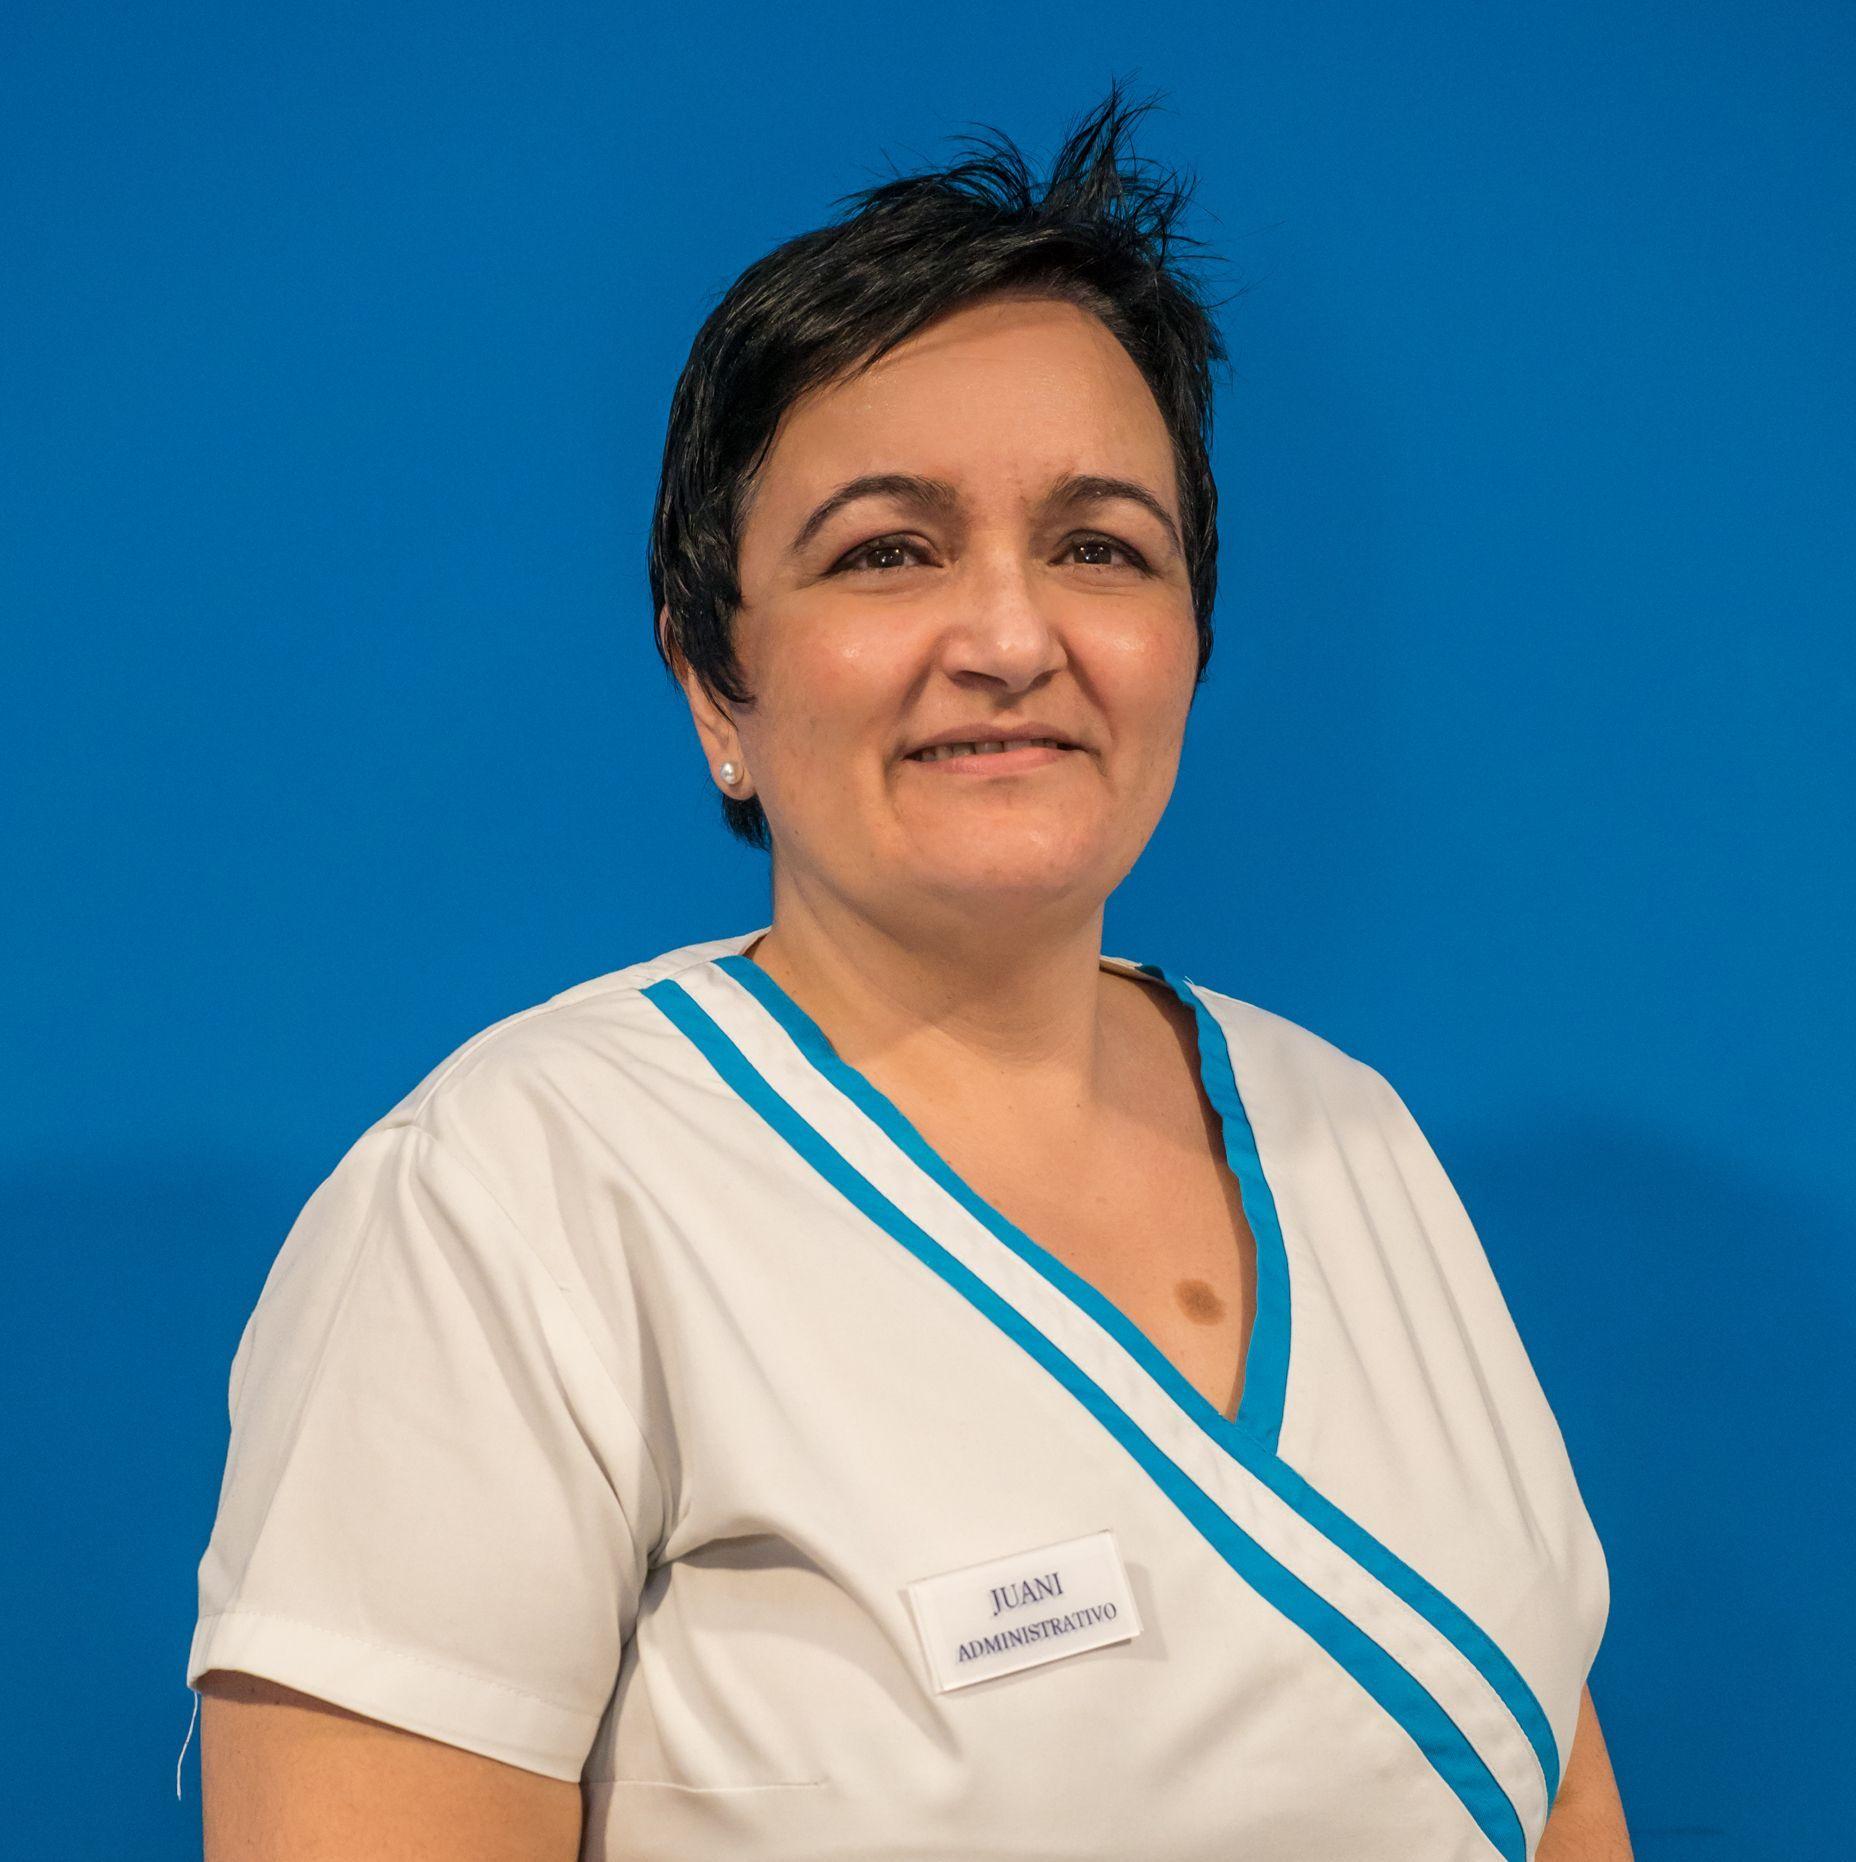 Juana Prieto